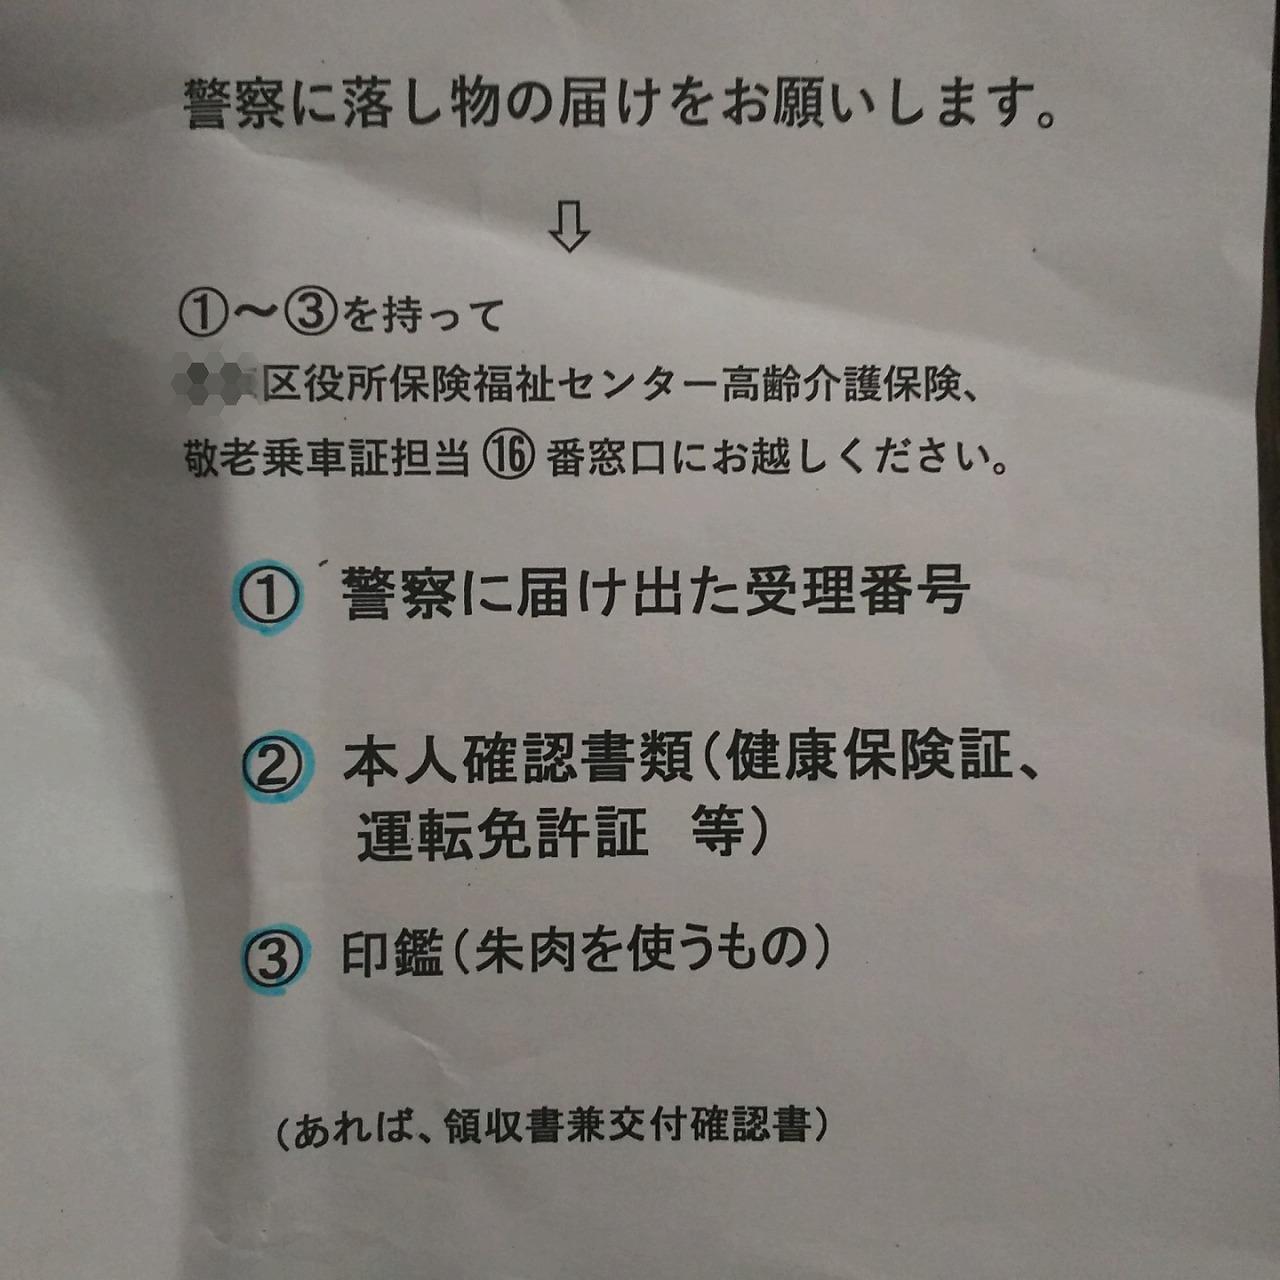 京都の敬老乗車証紛失てつづき